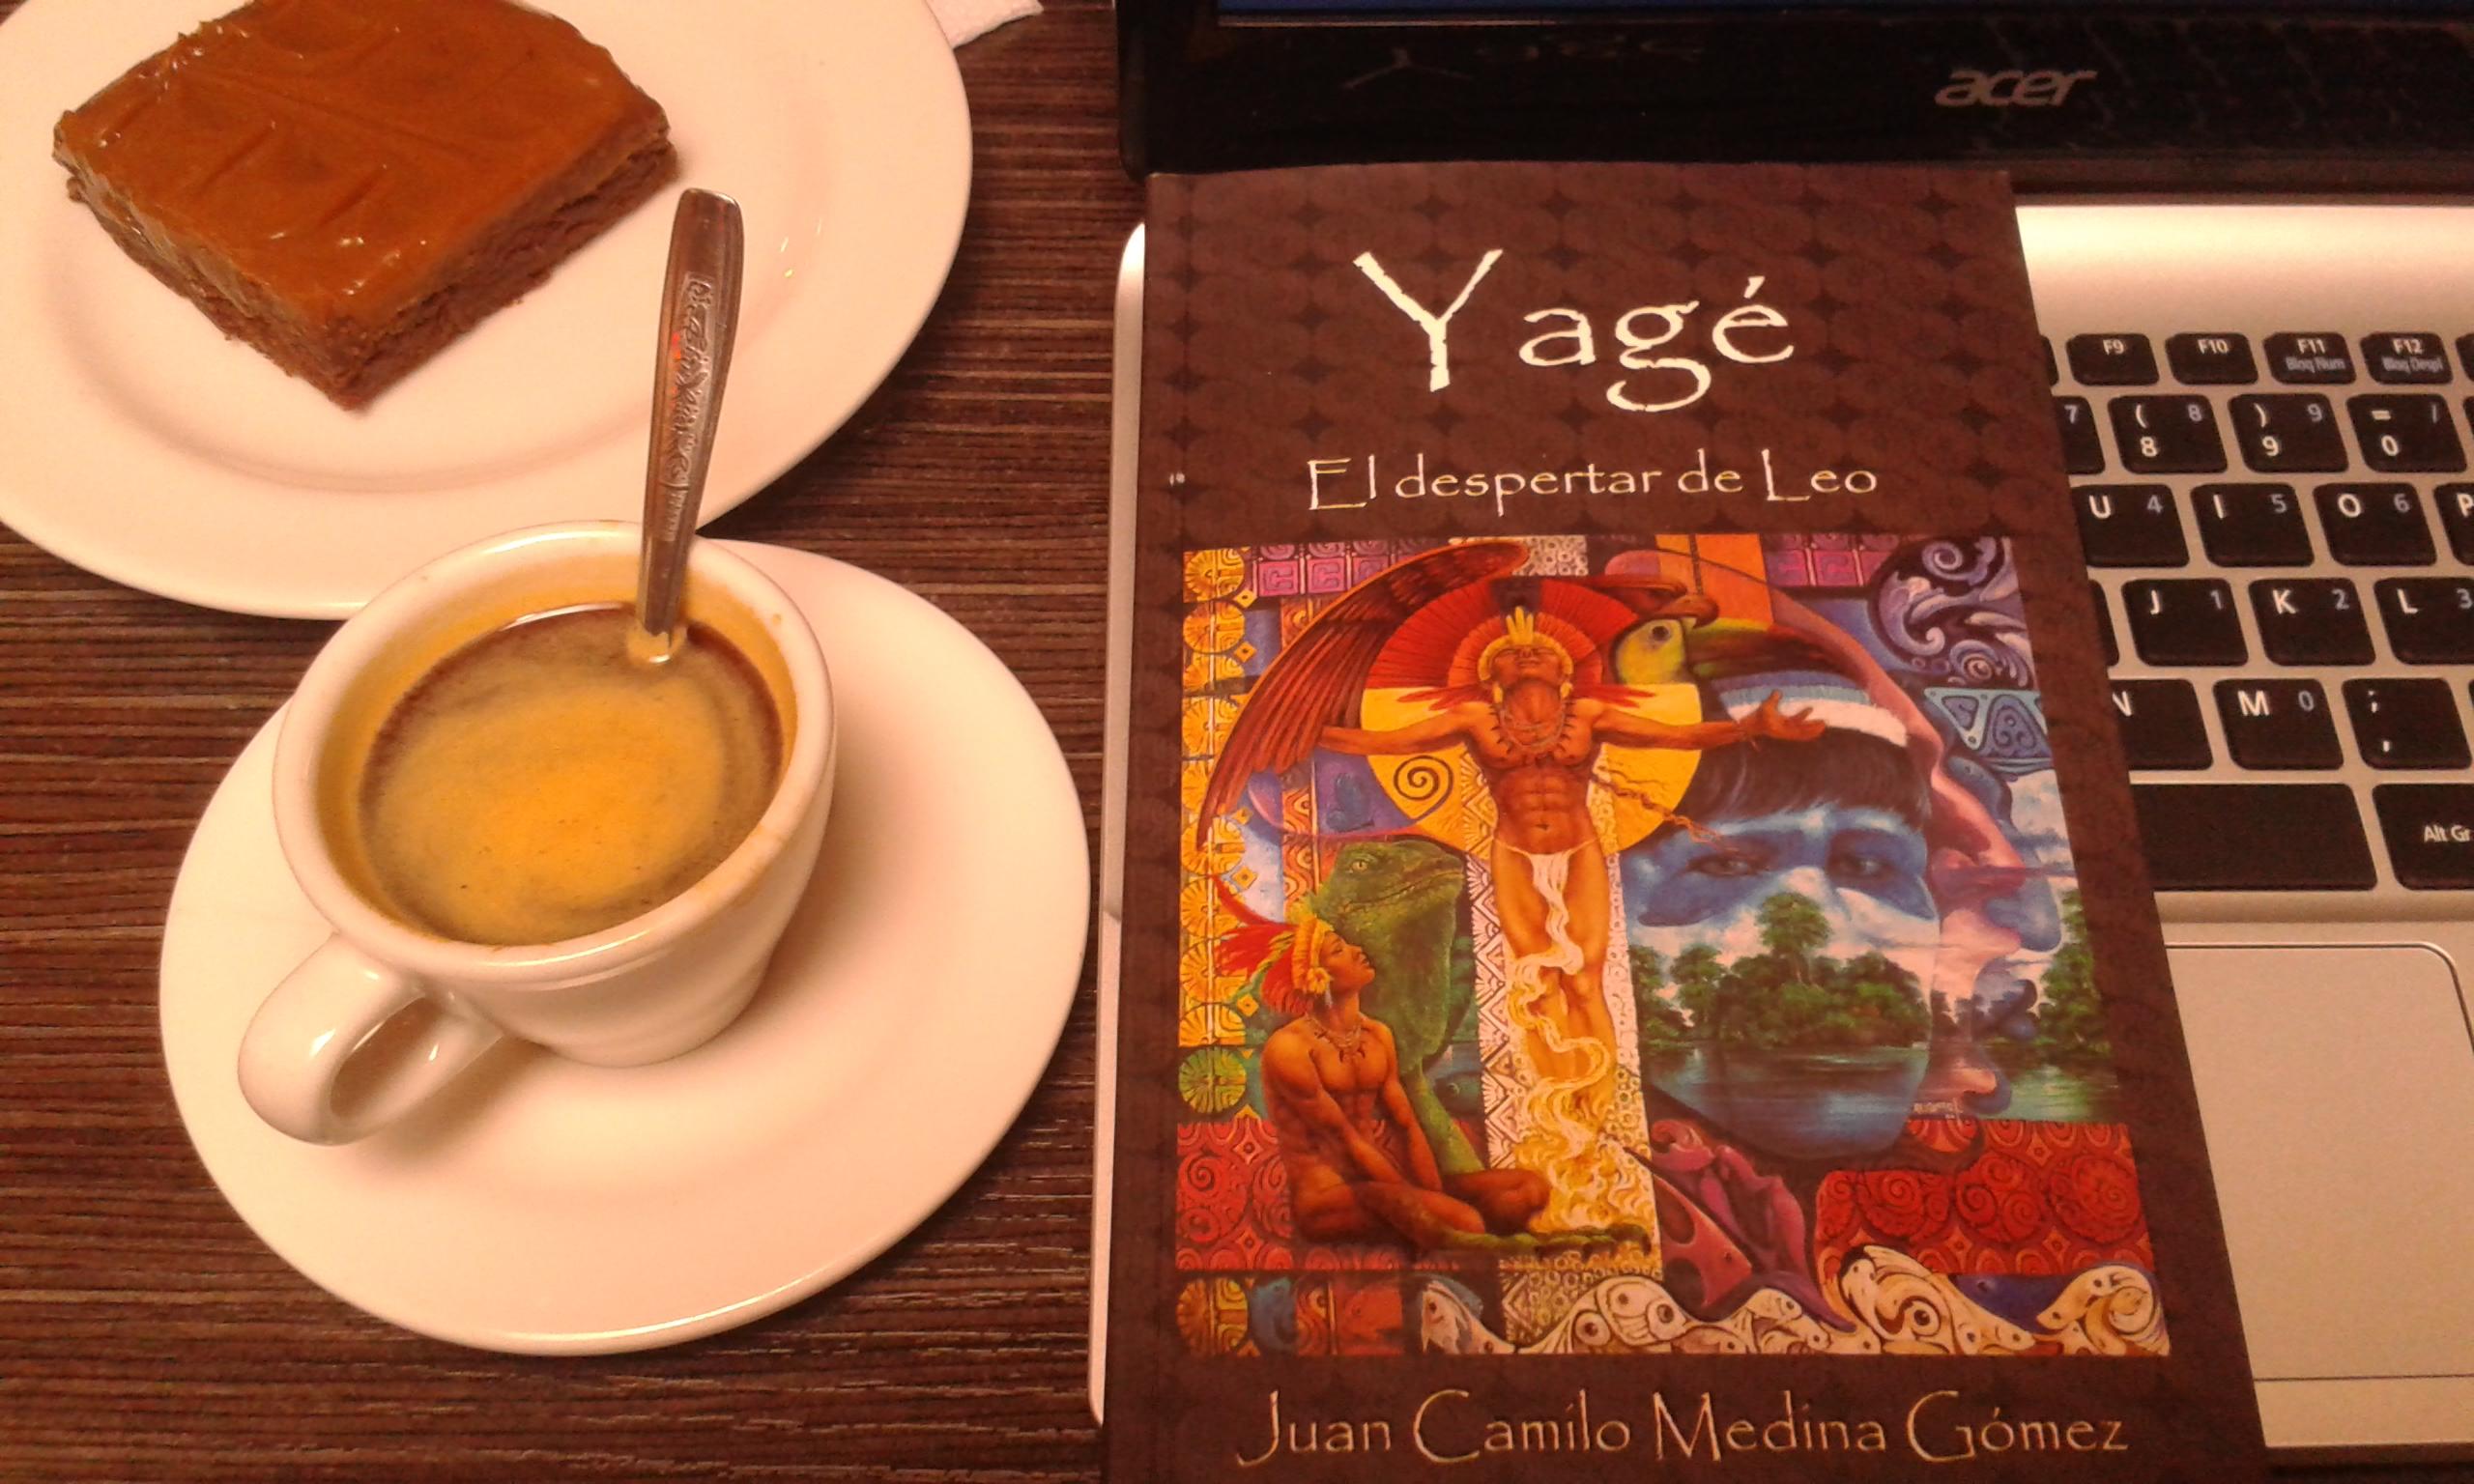 yagé, ayahuasca, juan camilo medina